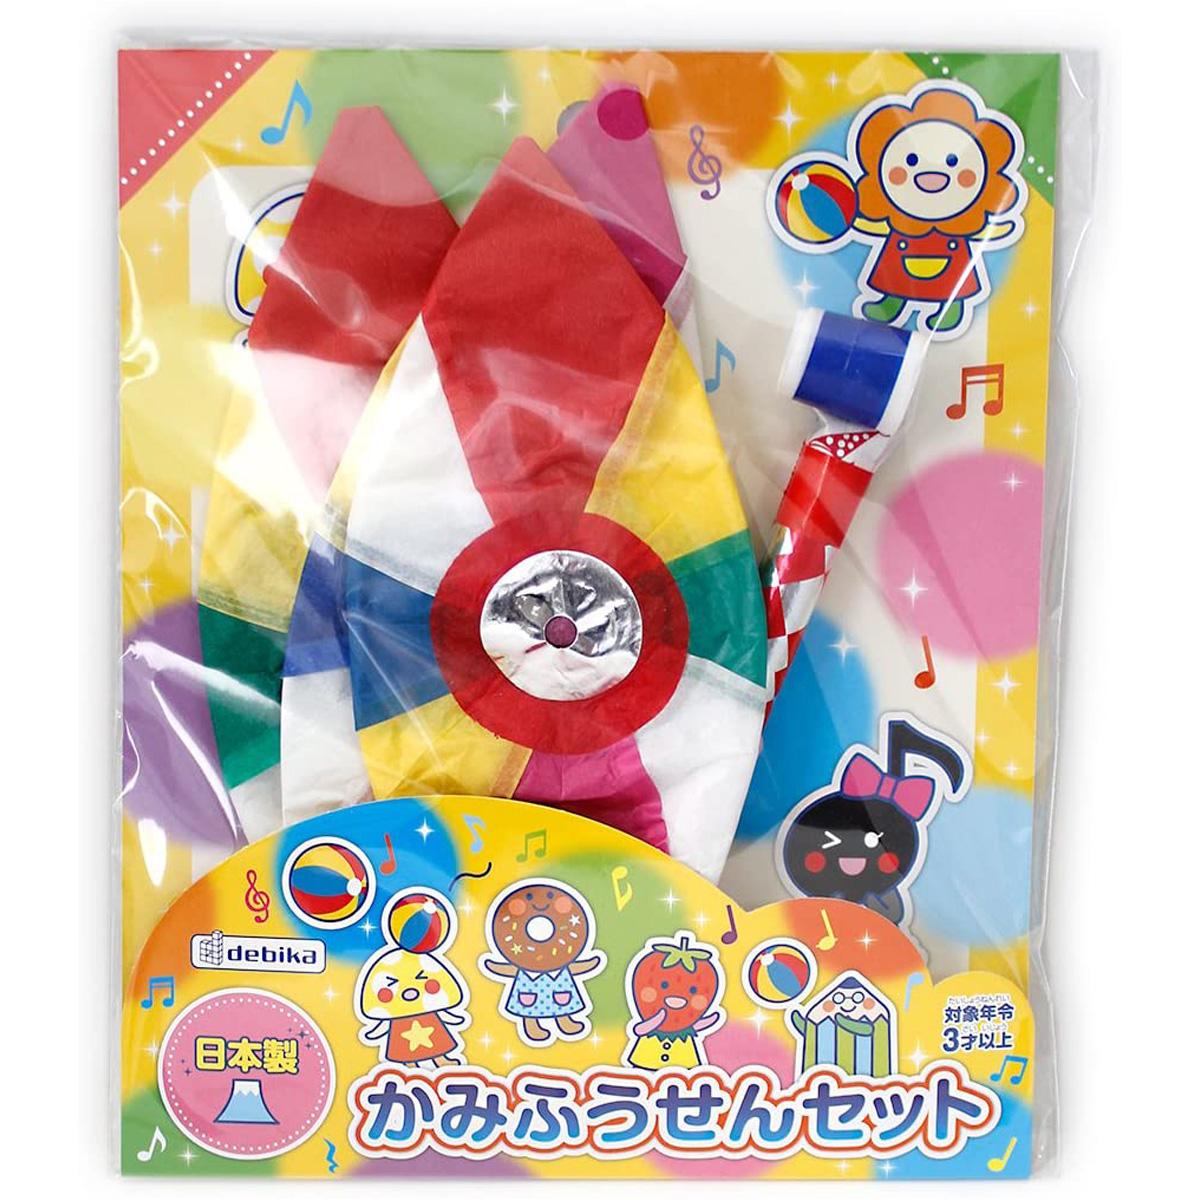 かみふうせんセット キッズ 子供 知育玩具 おもちゃ 幼稚園 保育園 祭り 景品 クリスマスプレゼント